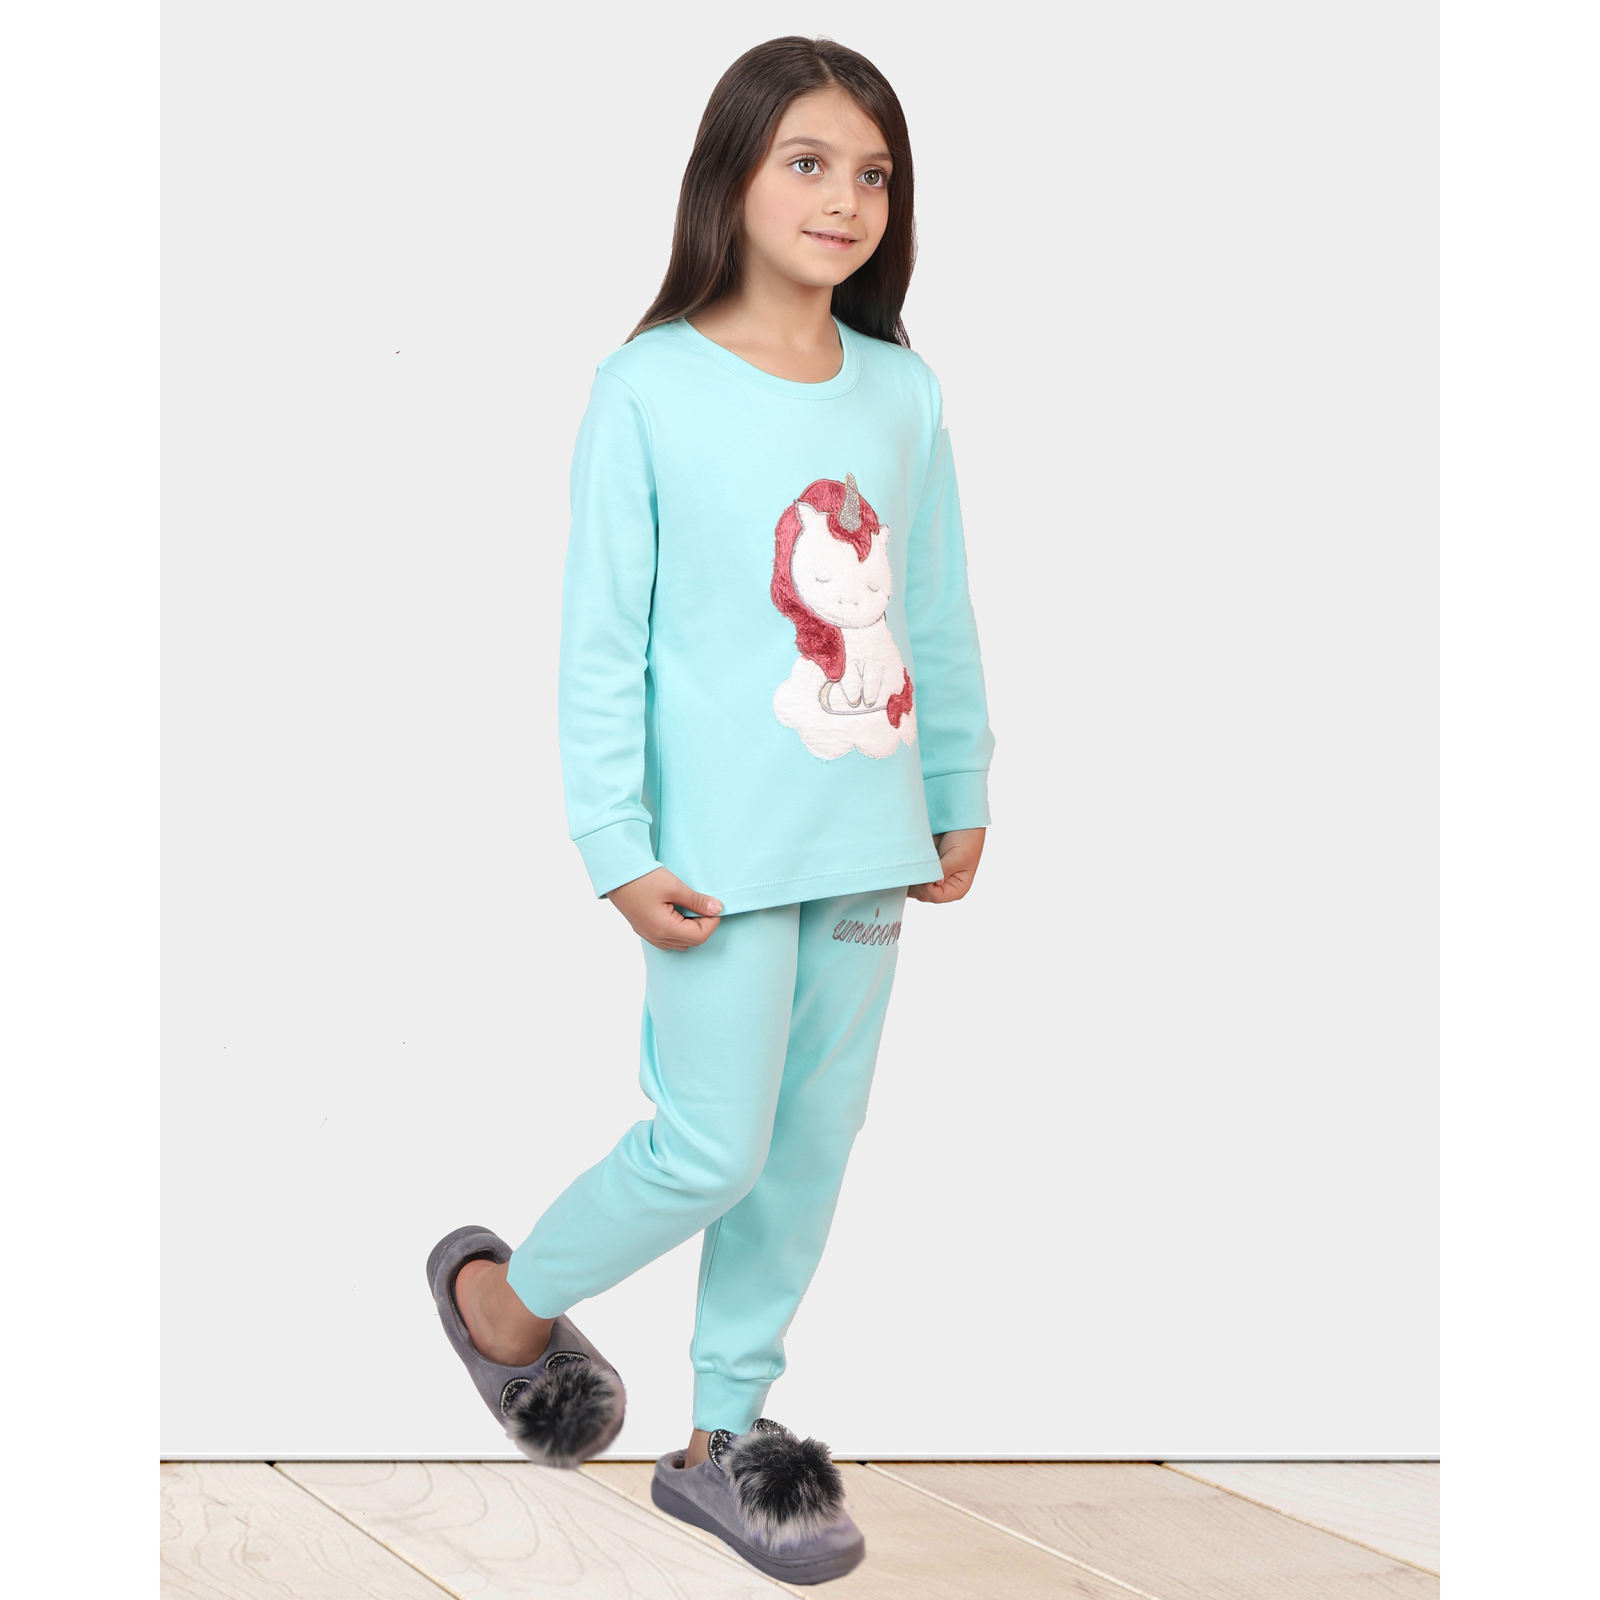 ست تی شرت و شلوار دخترانه مادر مدل 303-54 main 1 9